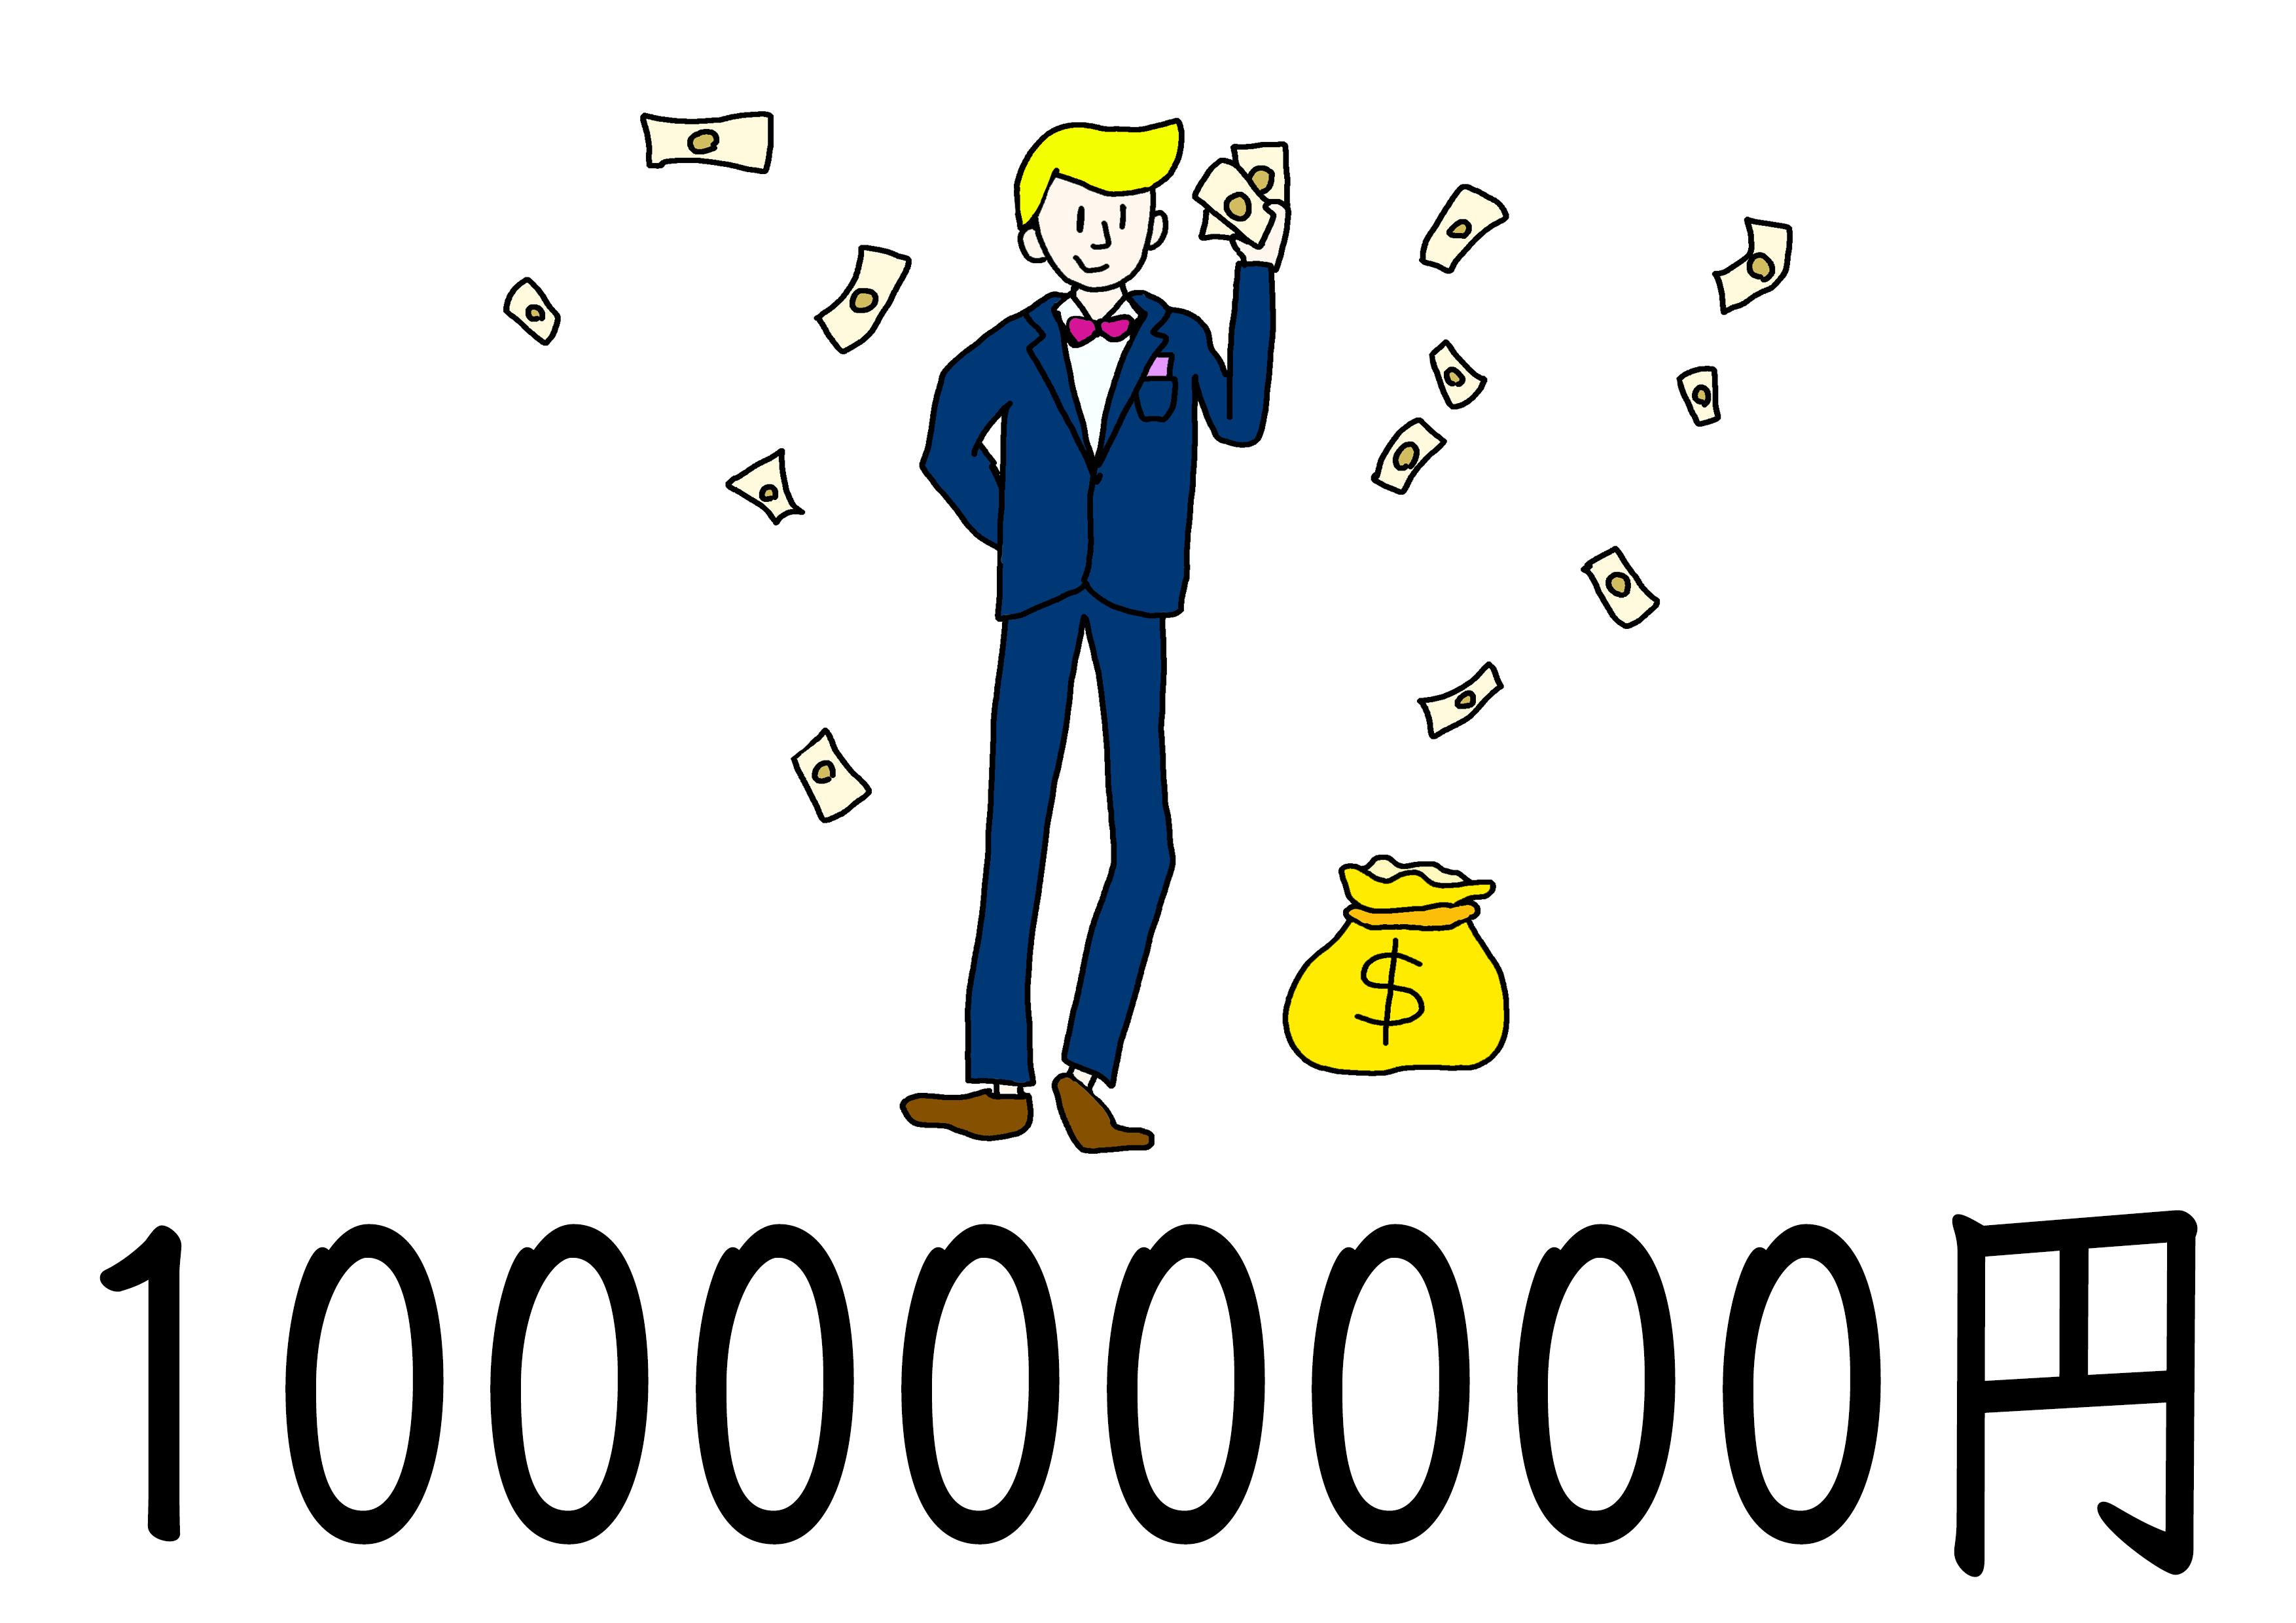 25課イラスト【1億円】